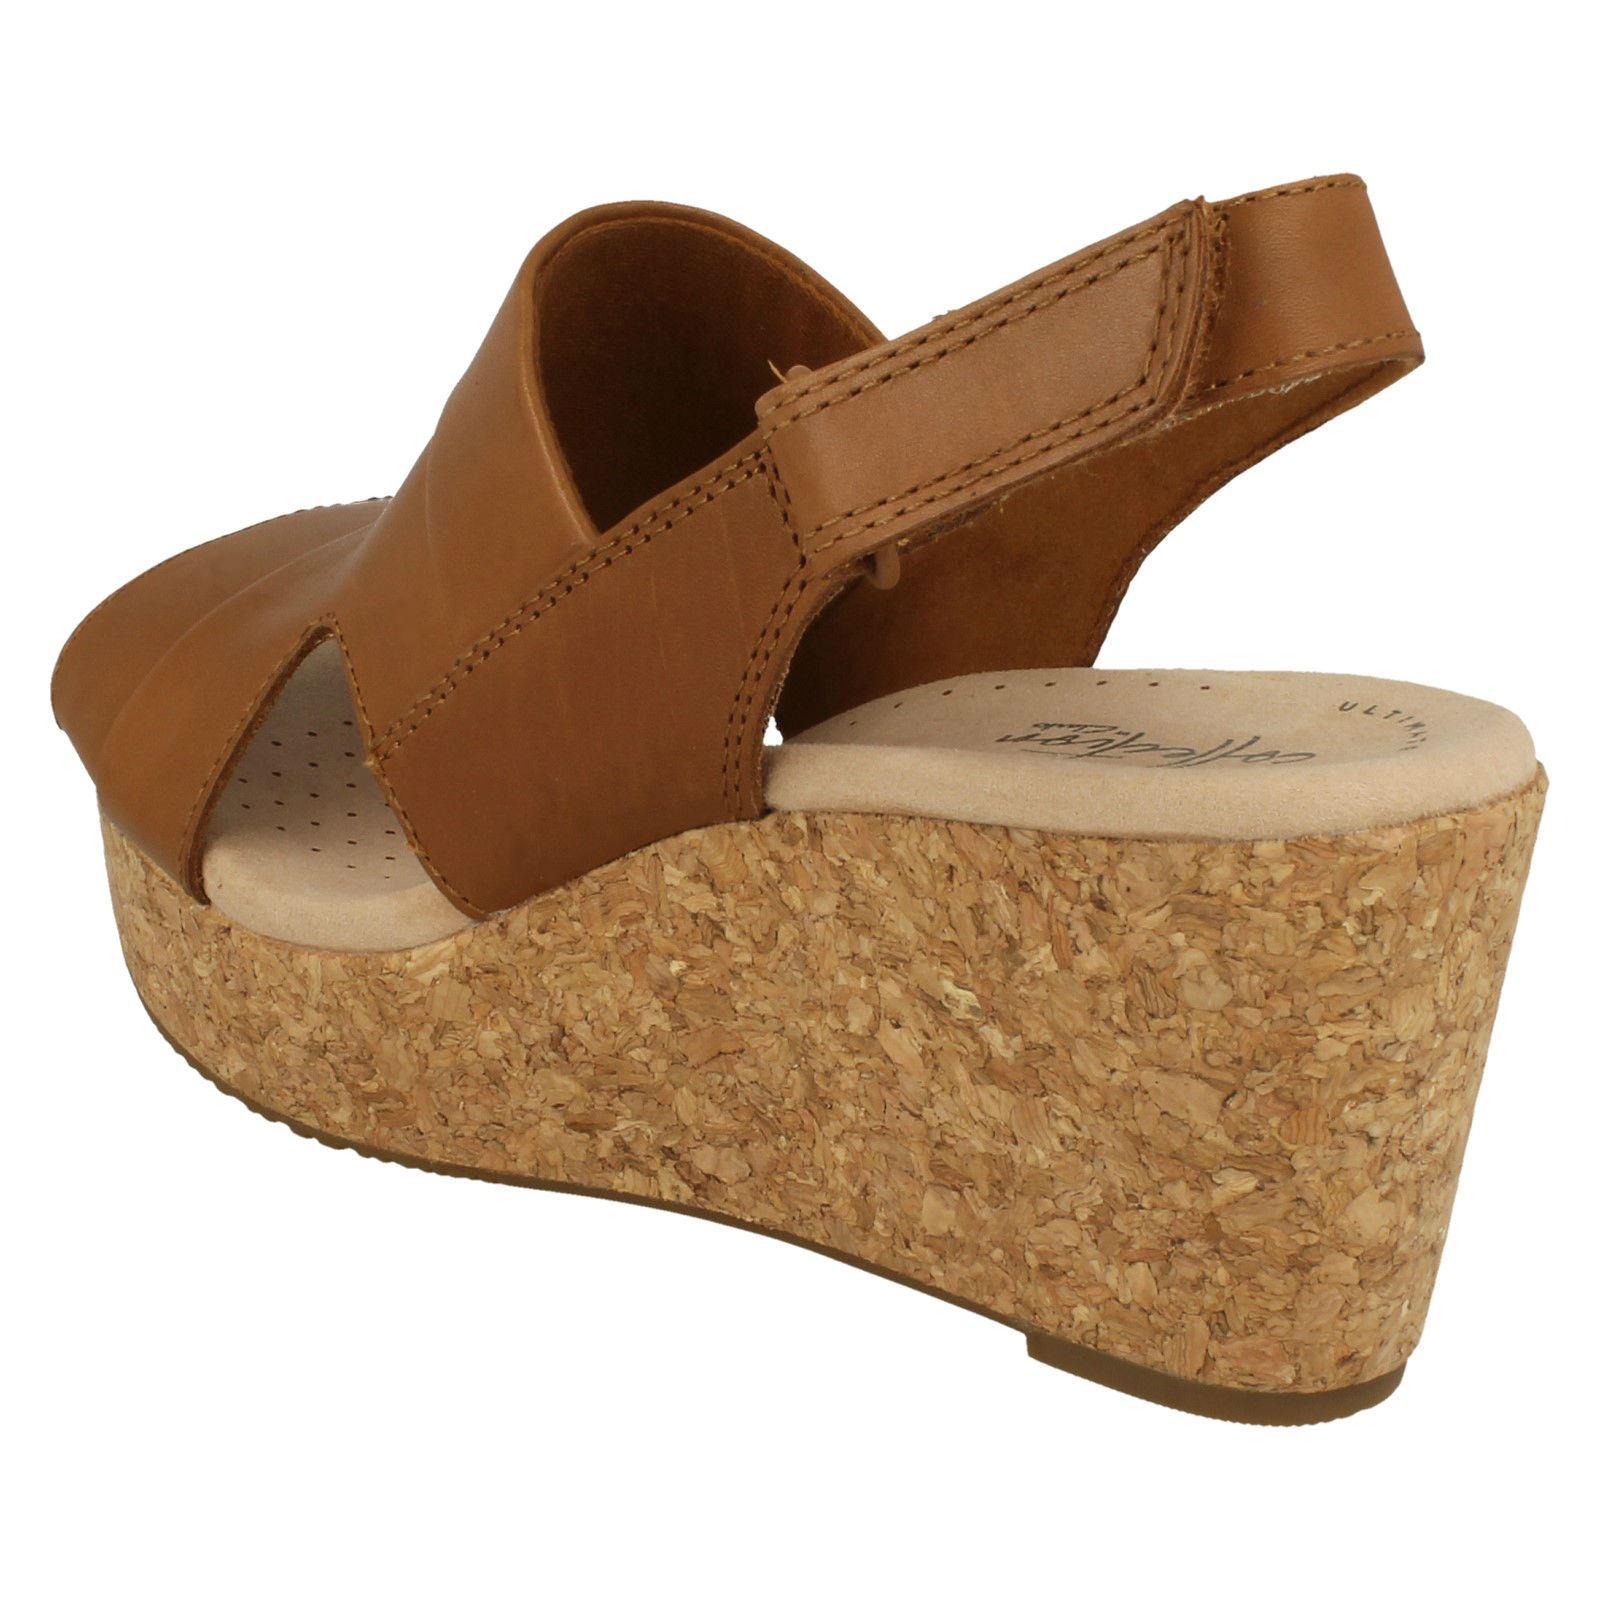 Ladies Clarks Wedge Heeled Sandals Annadel Ivory